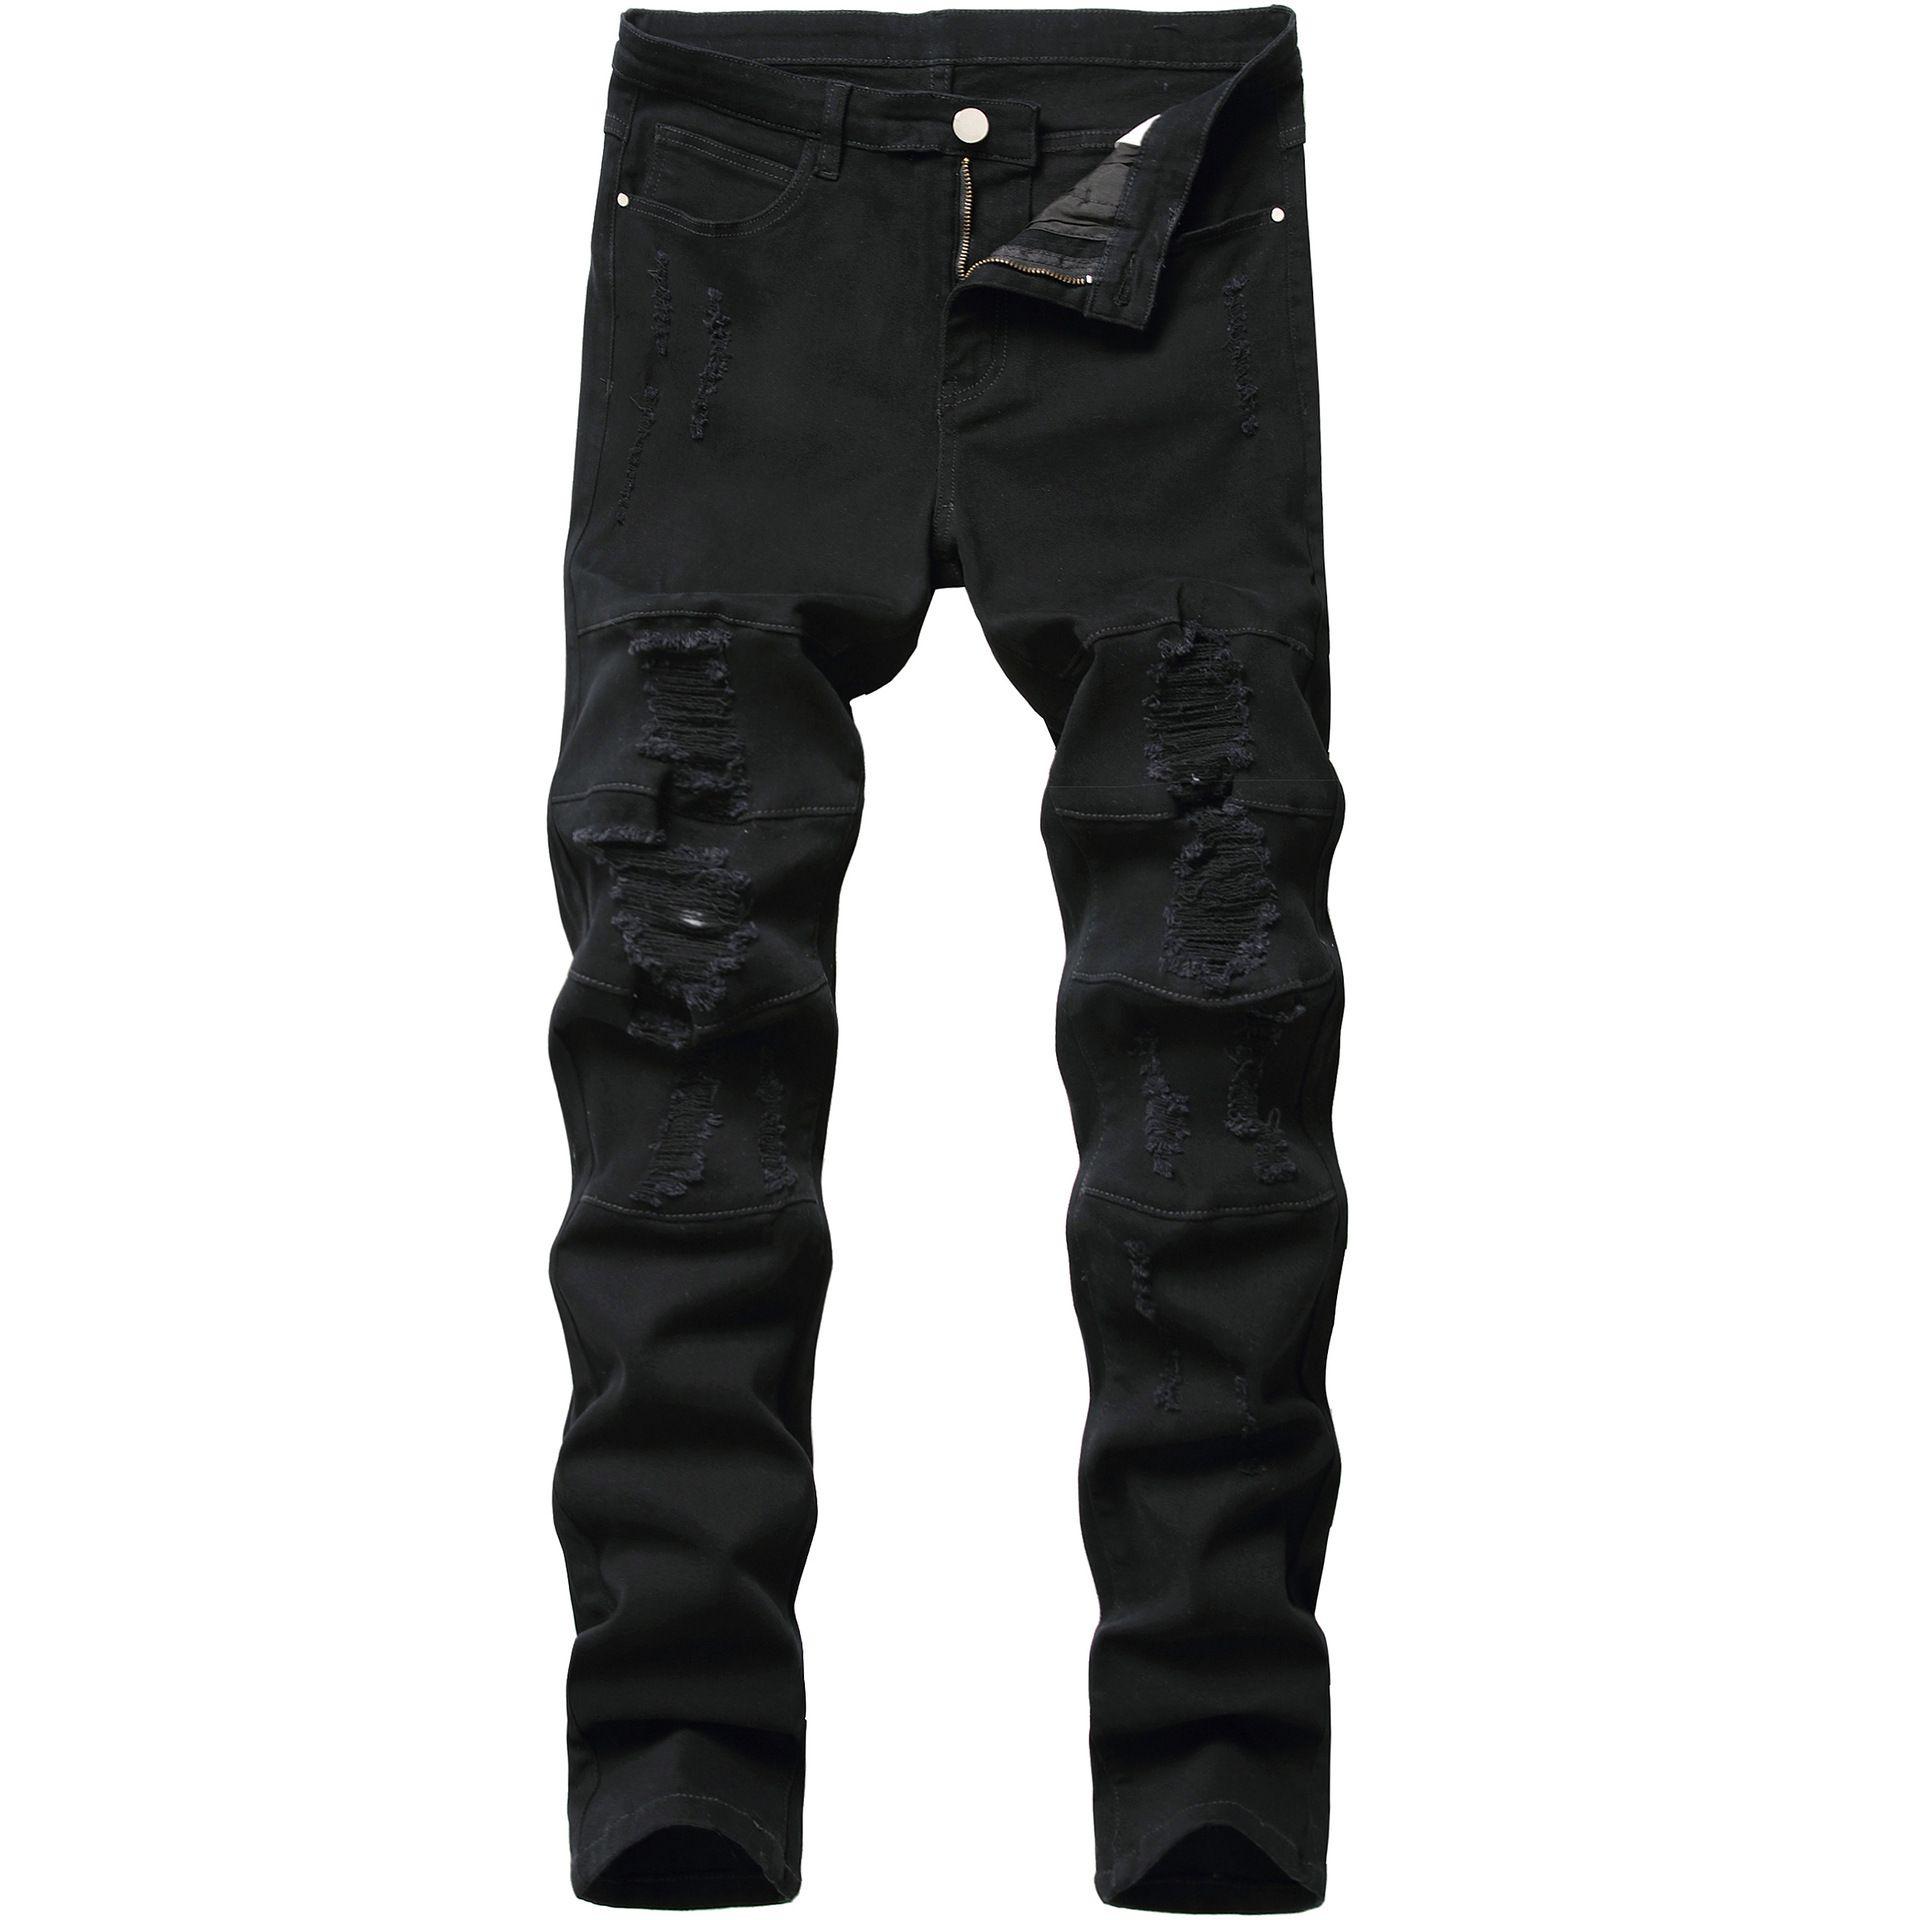 Mens jeans preto moda rasgado jeans calças skinny lápis calças calças calças buracos biker jeans jeans liso calças sólidas planas